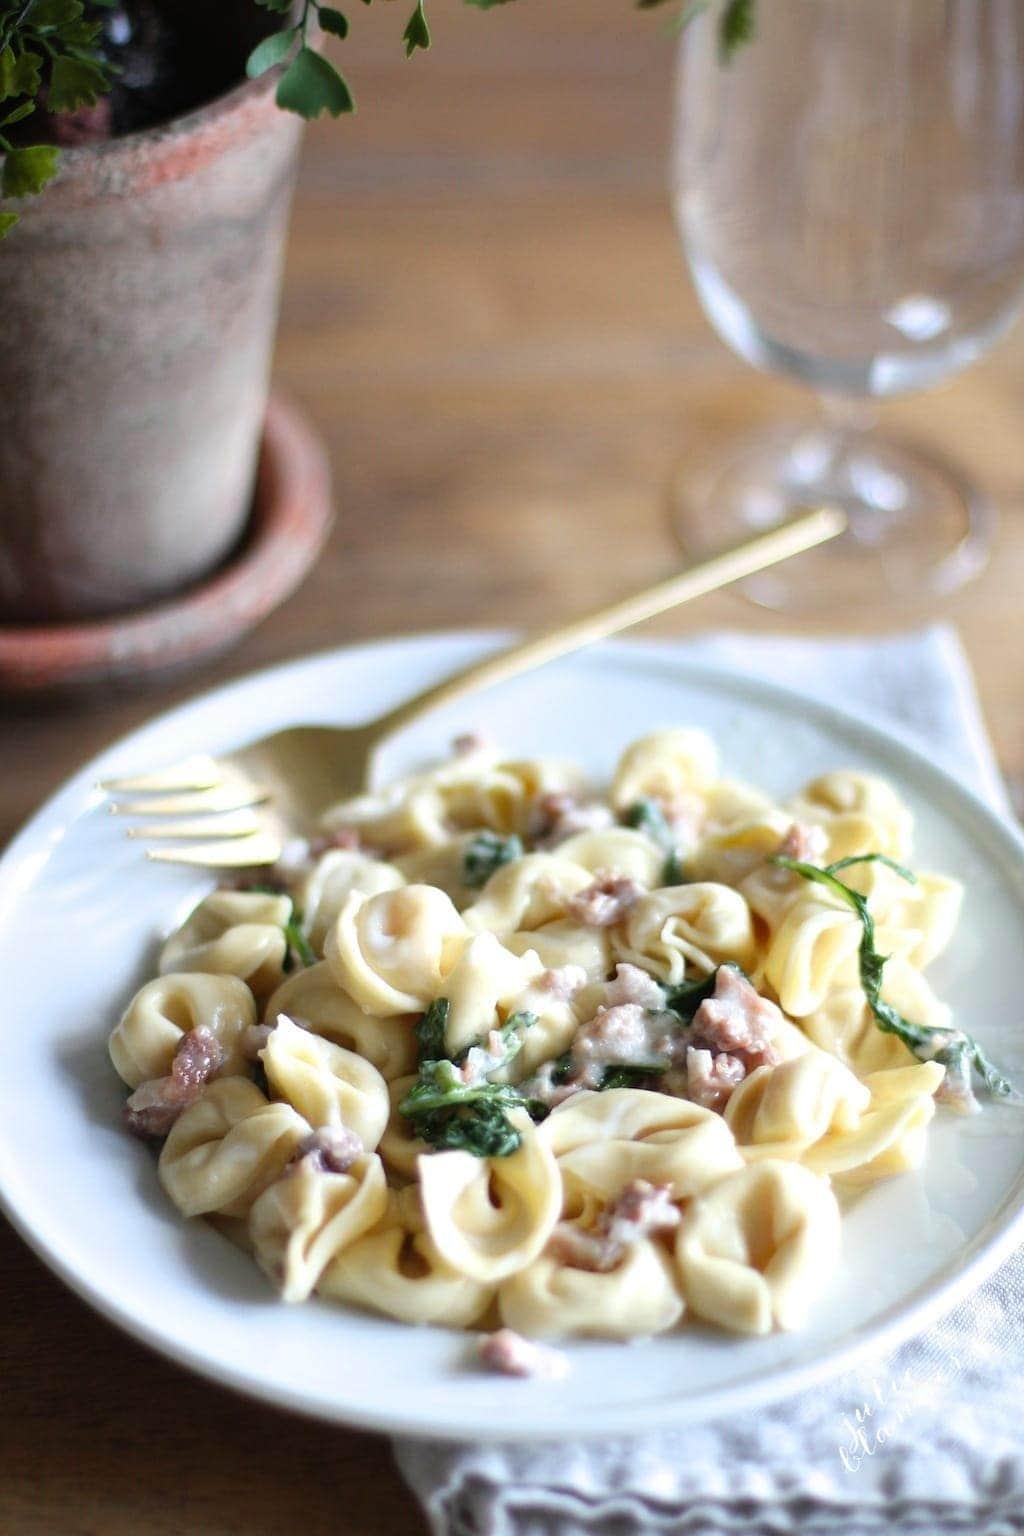 Fast & flavorful tortellacci recipe